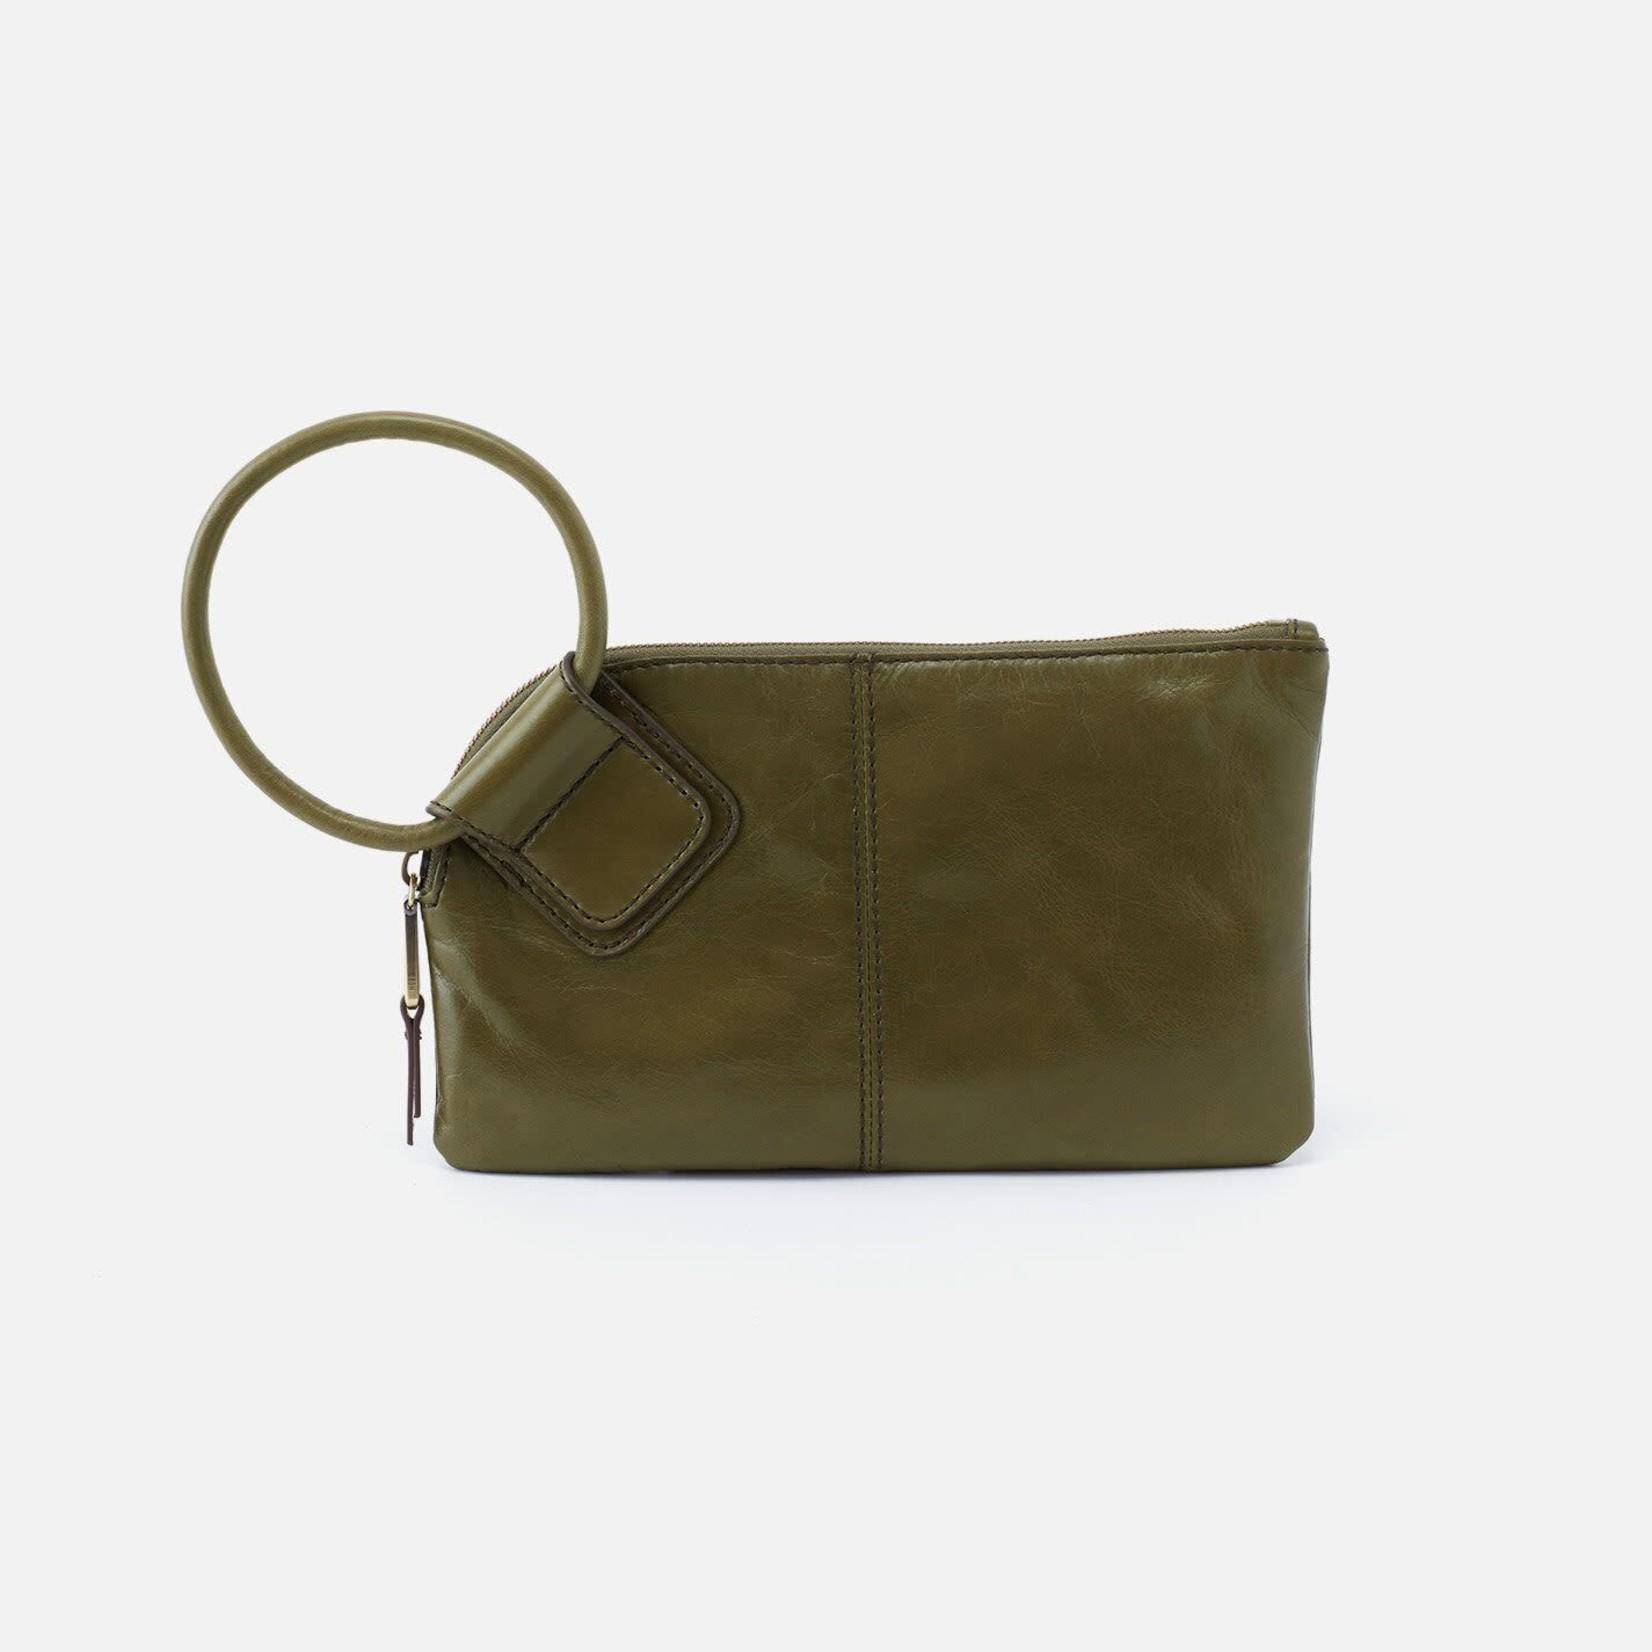 HOBO Sable Moss Vintage Hide Leather Wristlet w/Loop